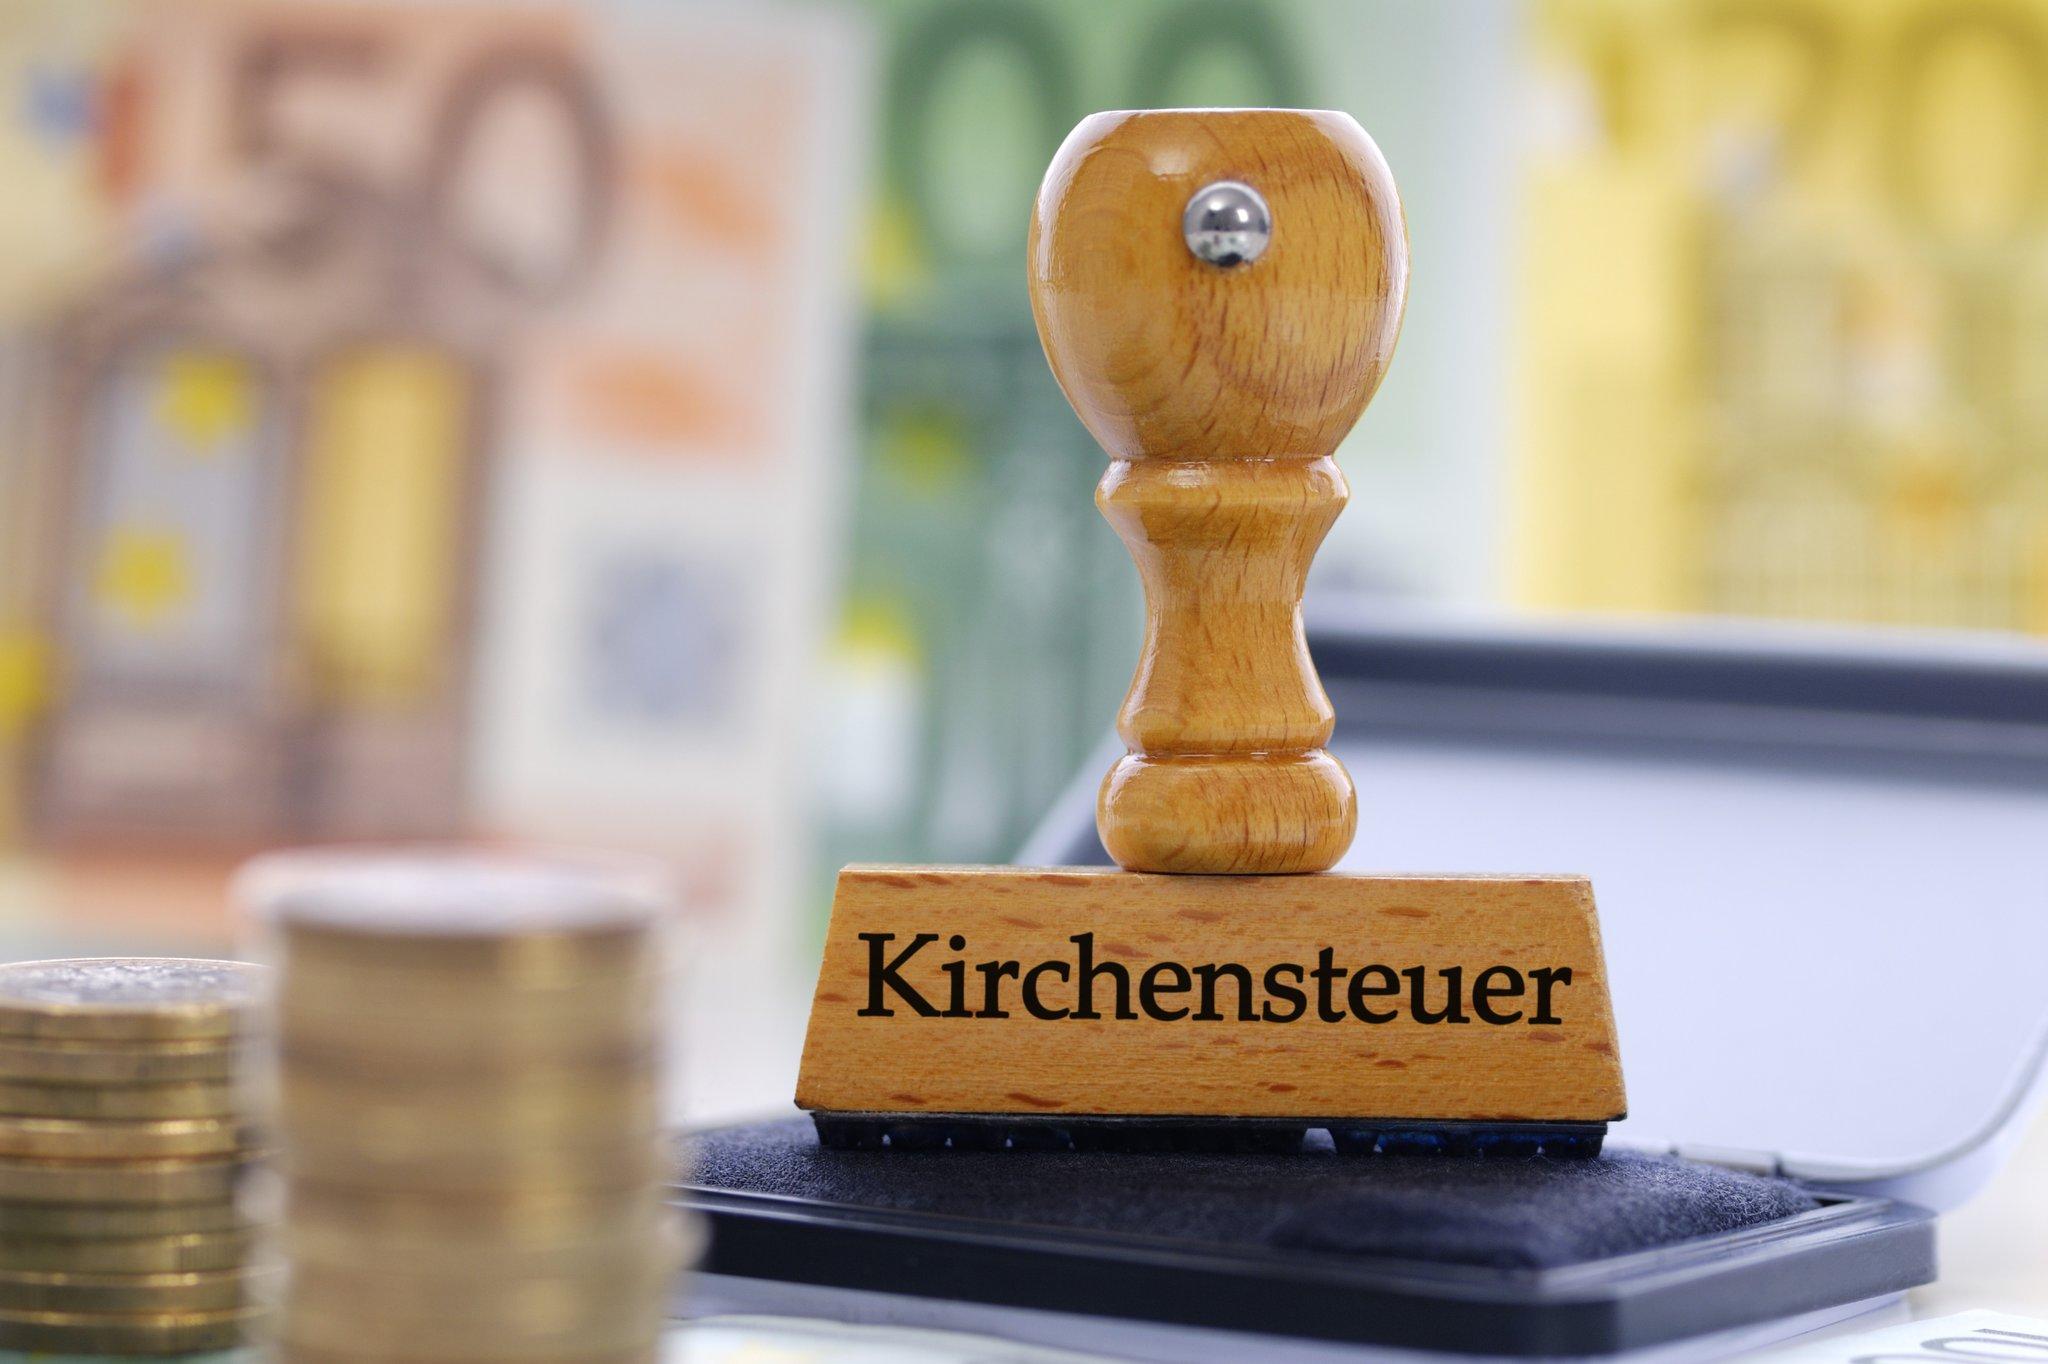 Kirchensteuer Deutschland Prozent